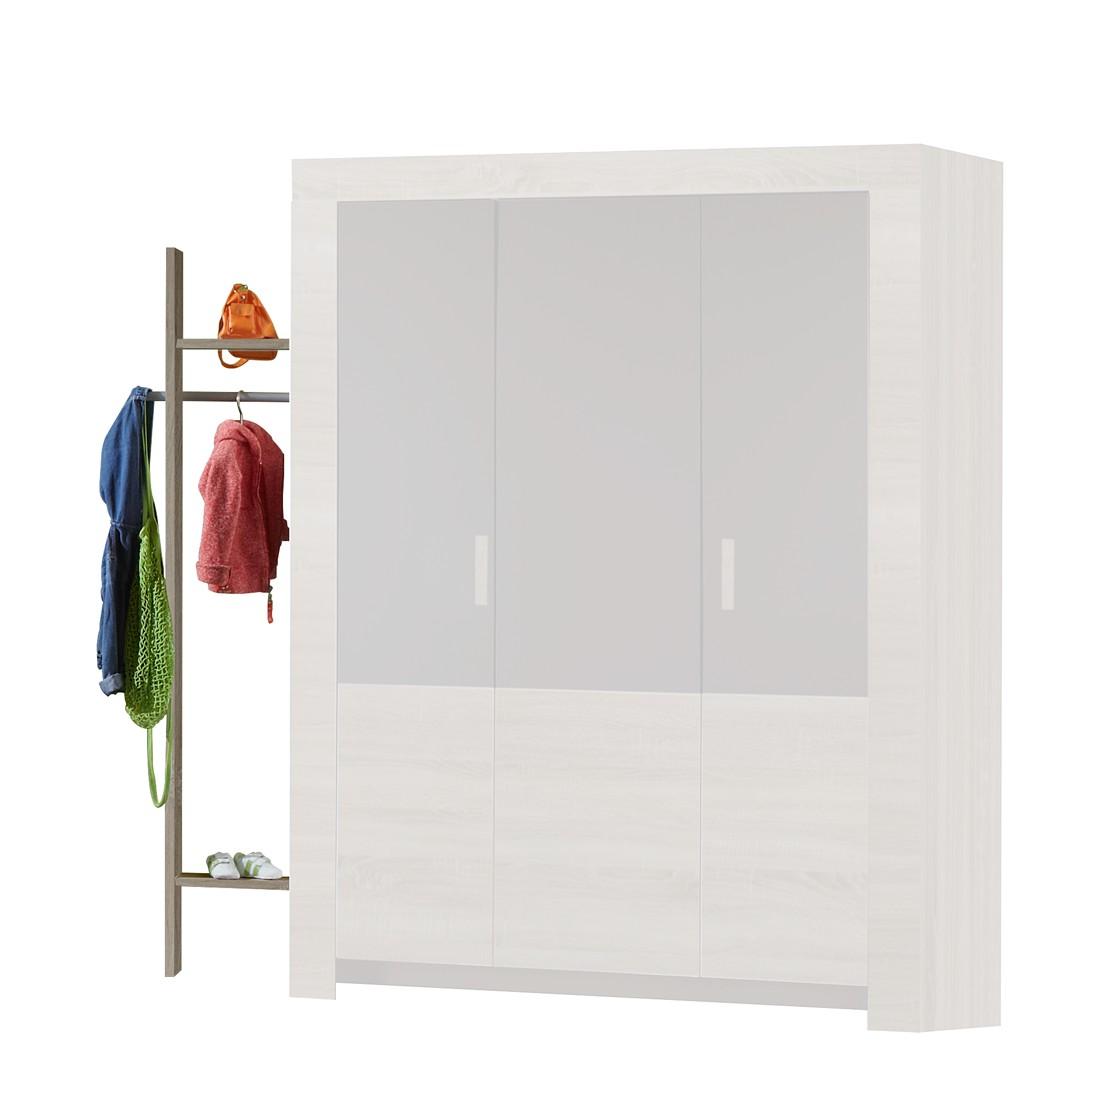 Garderobe Emily – Eiche/Grau, Wimex günstig kaufen